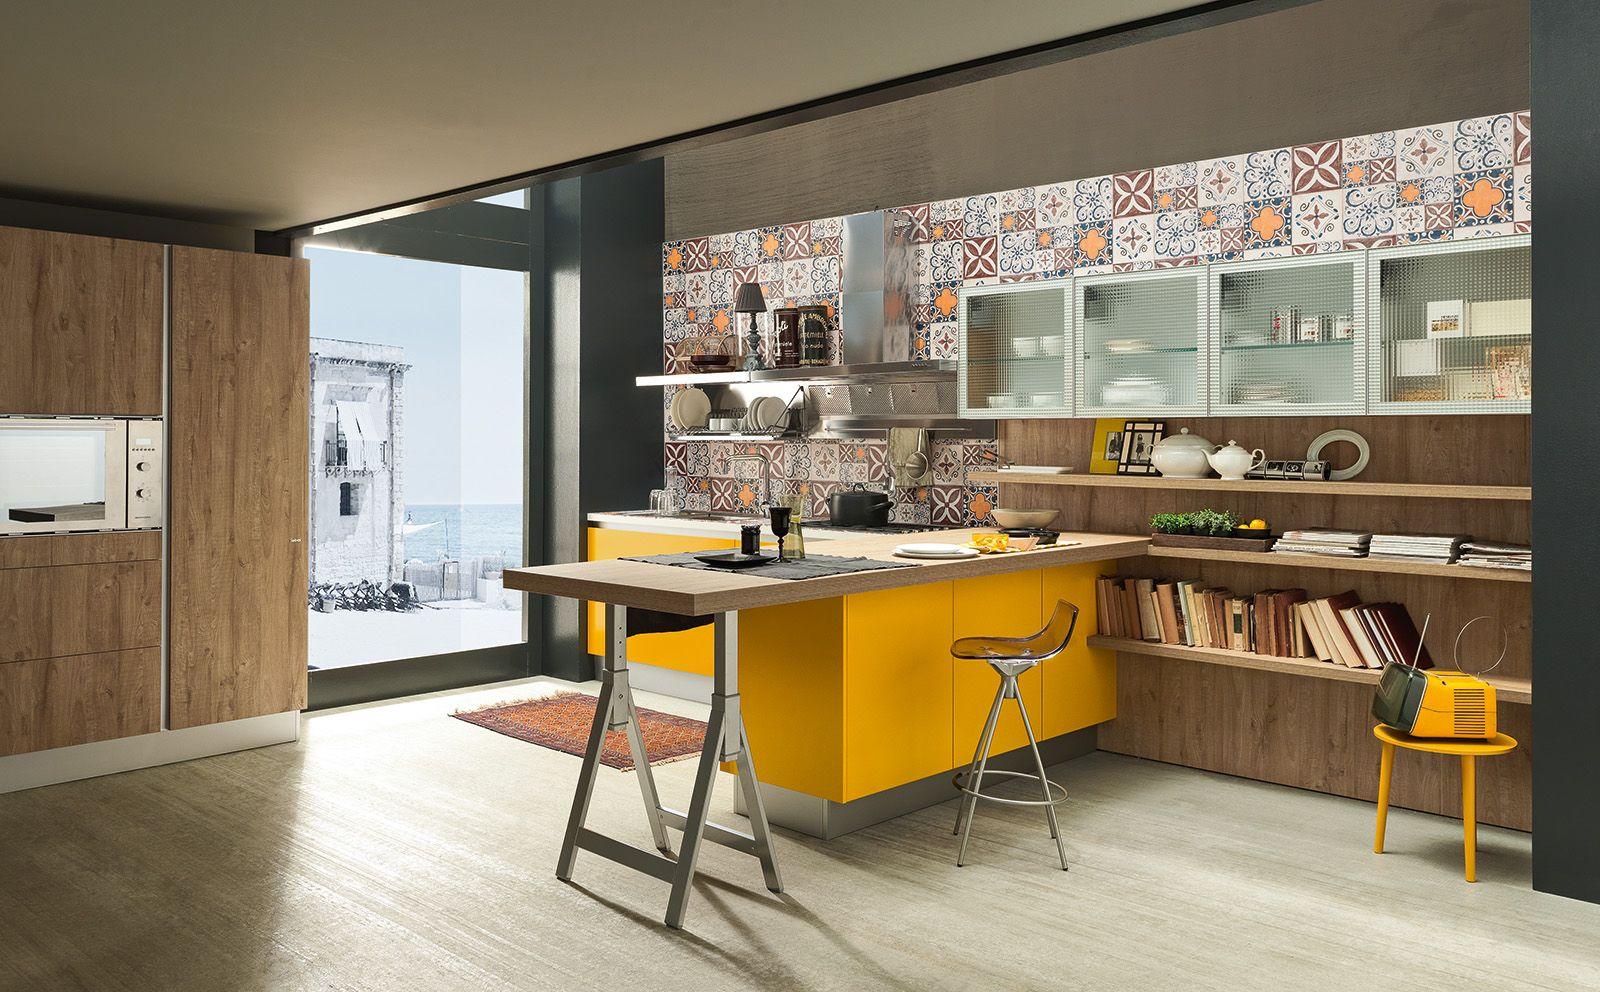 La cucina con il tavolo... da architetto | Industrial